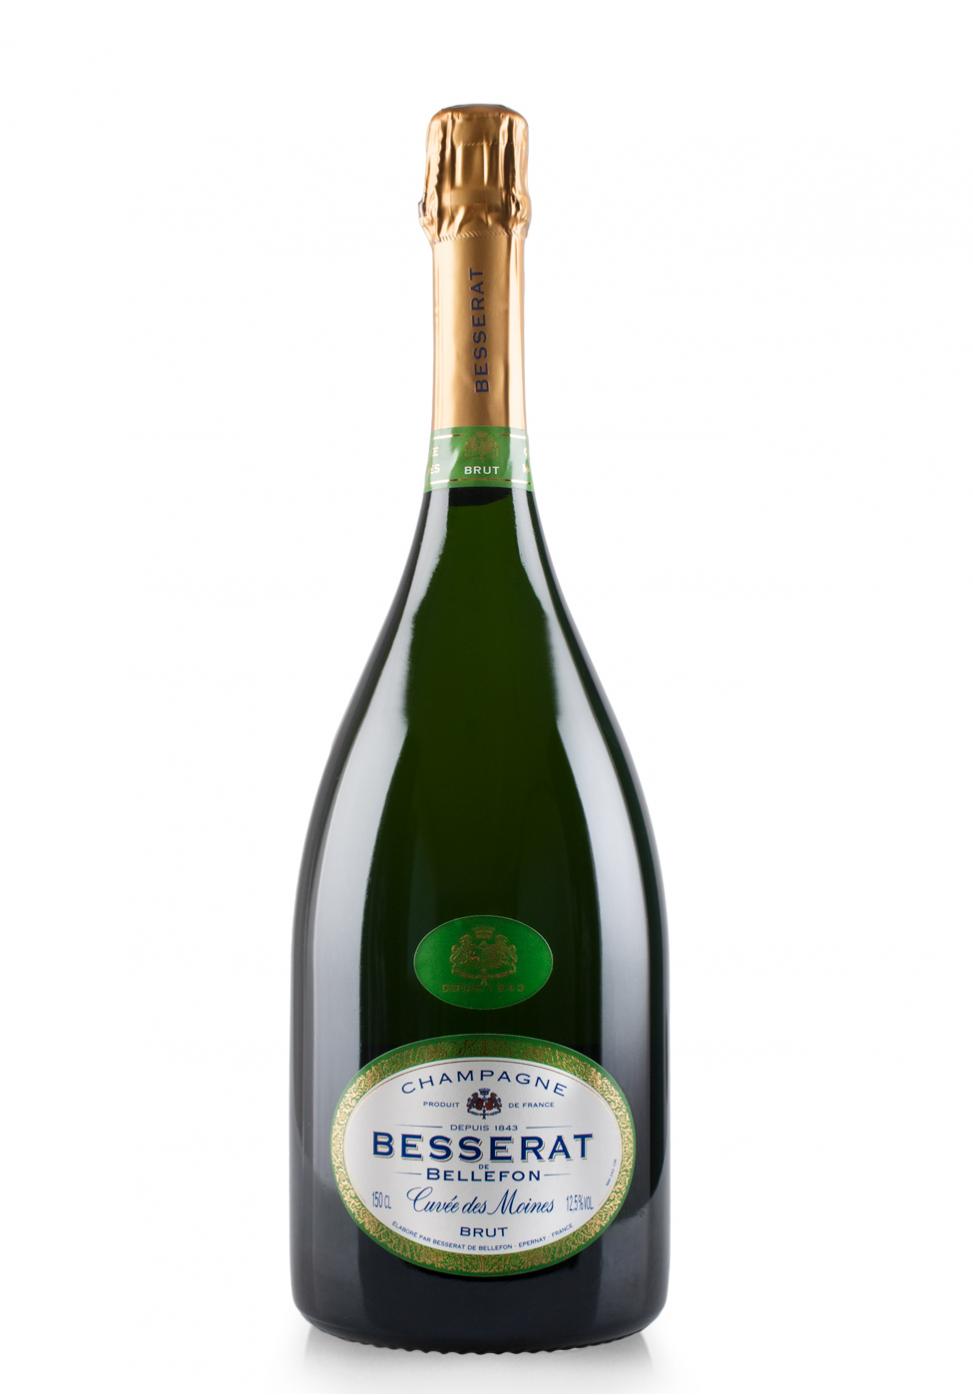 Champagne Besserat de Bellefon, Cuvée des Moines, Brut (1.5L)